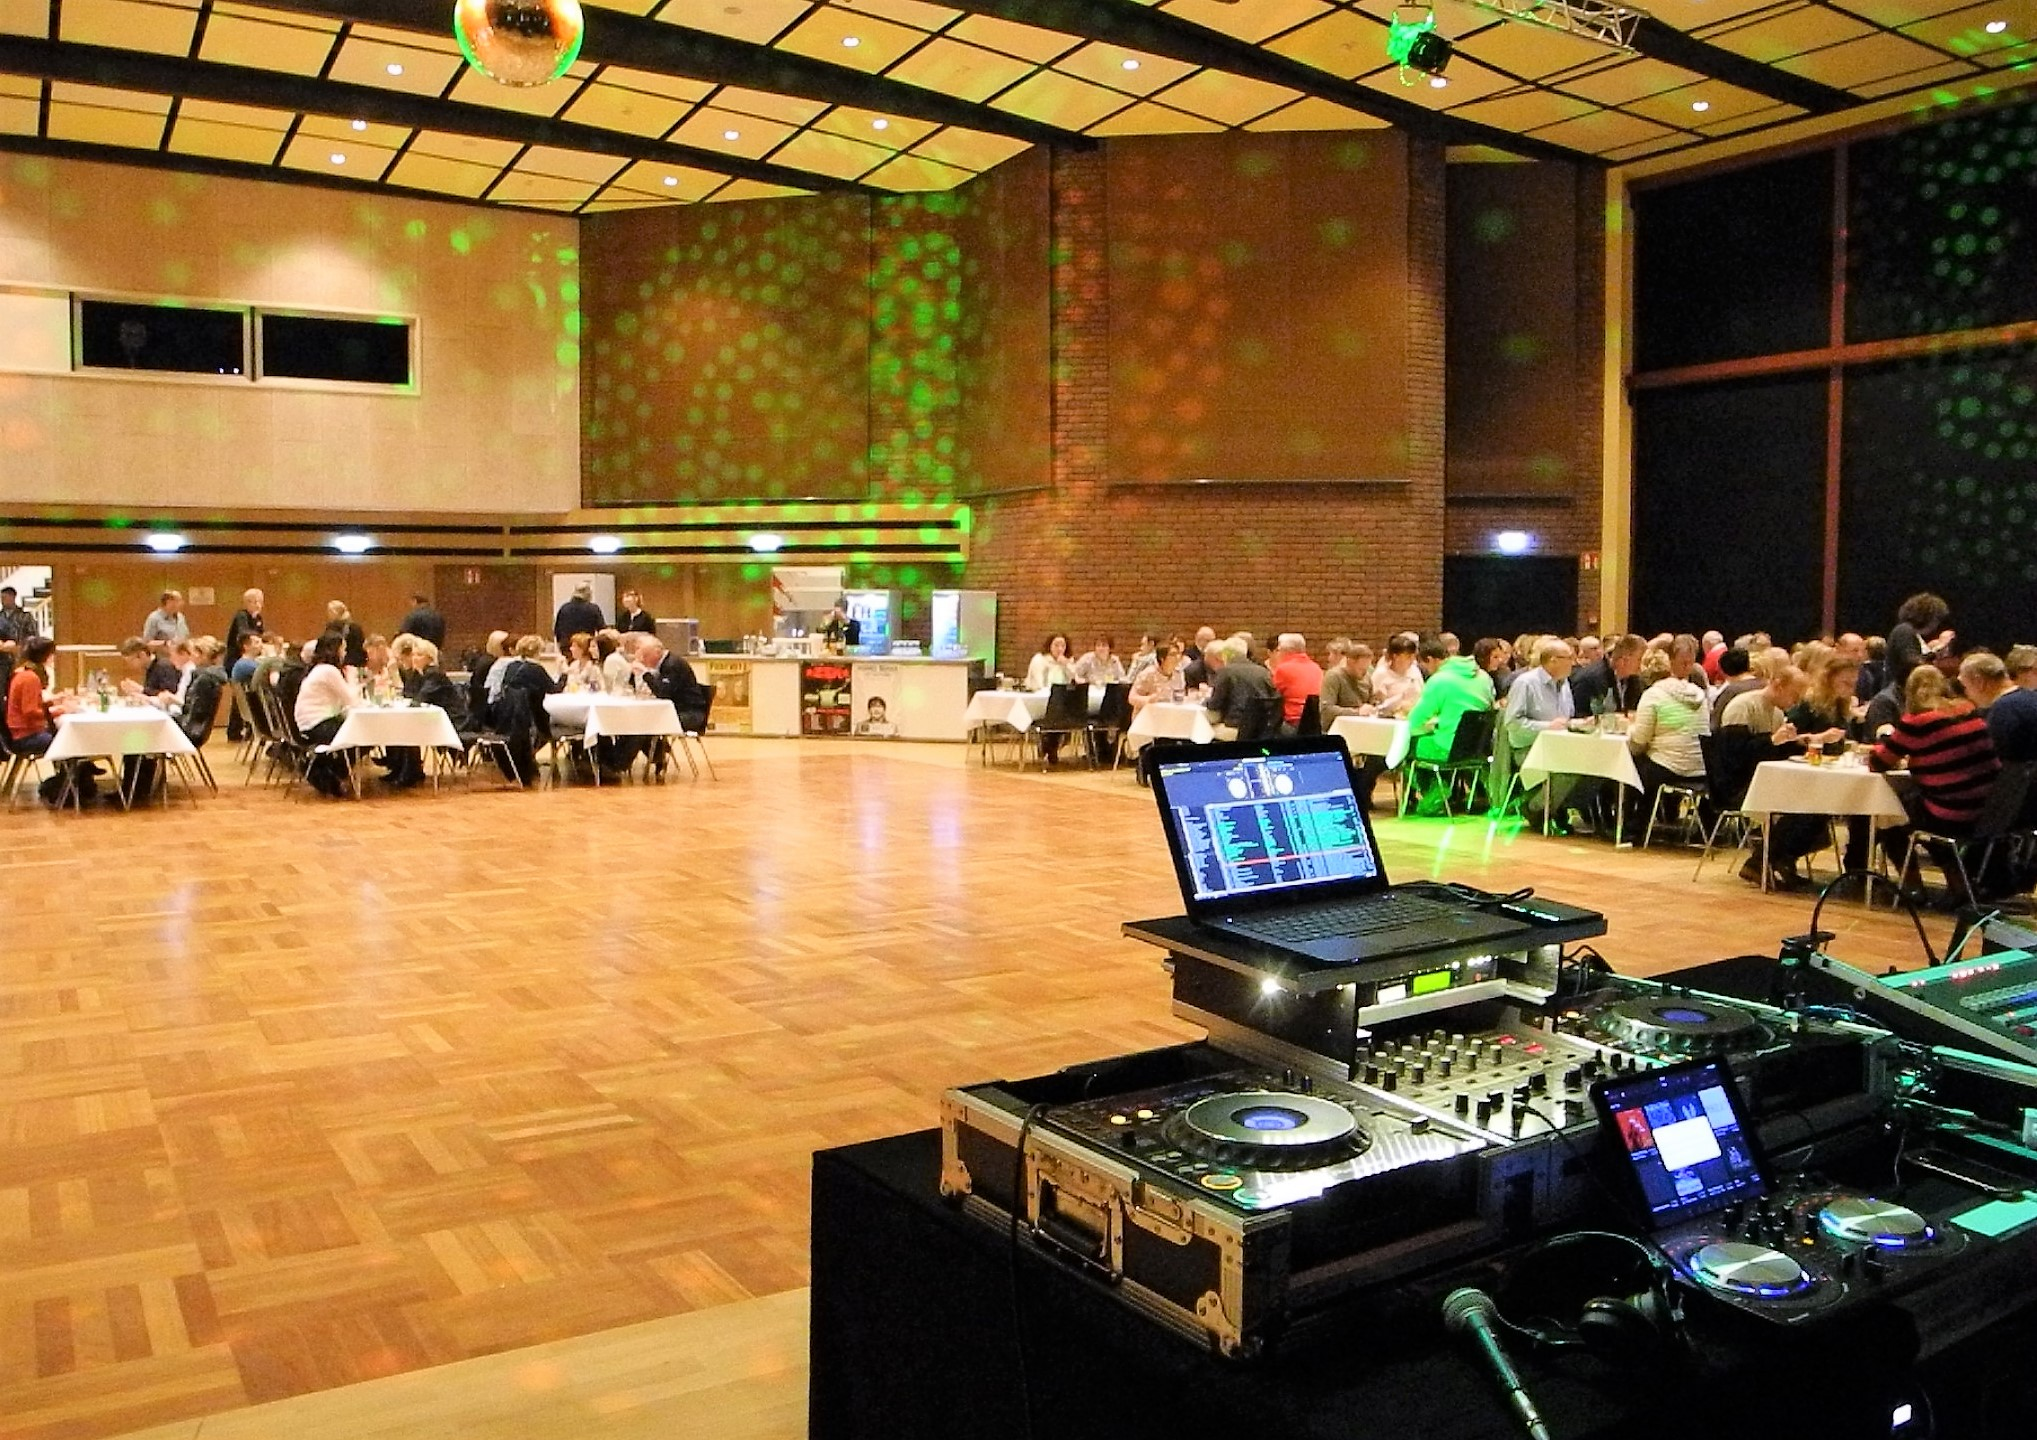 Ein DJ-Pult und viele an Tischen essende Menschen in einer großen Halle